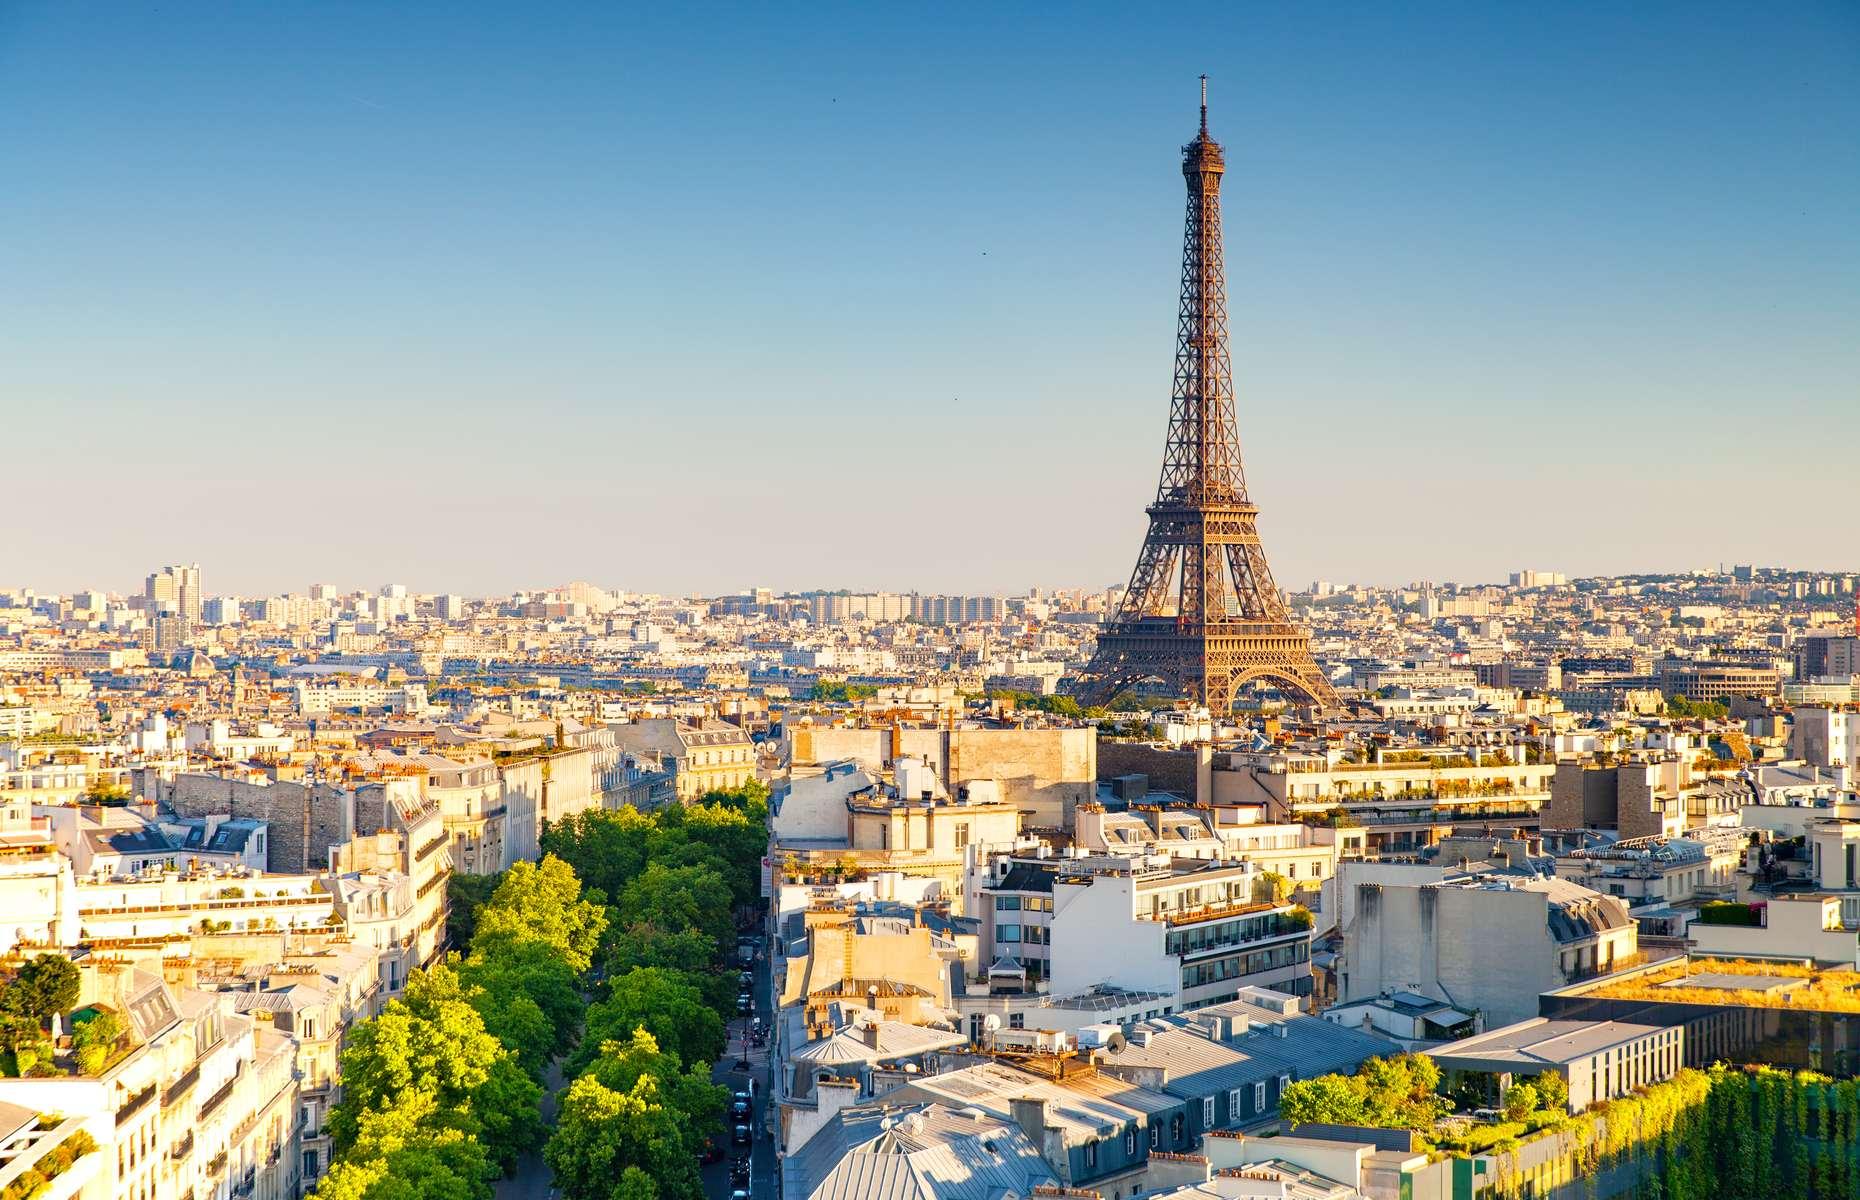 Eiffel Tower in Paris (image: Sean Hsu/Shutterstock)